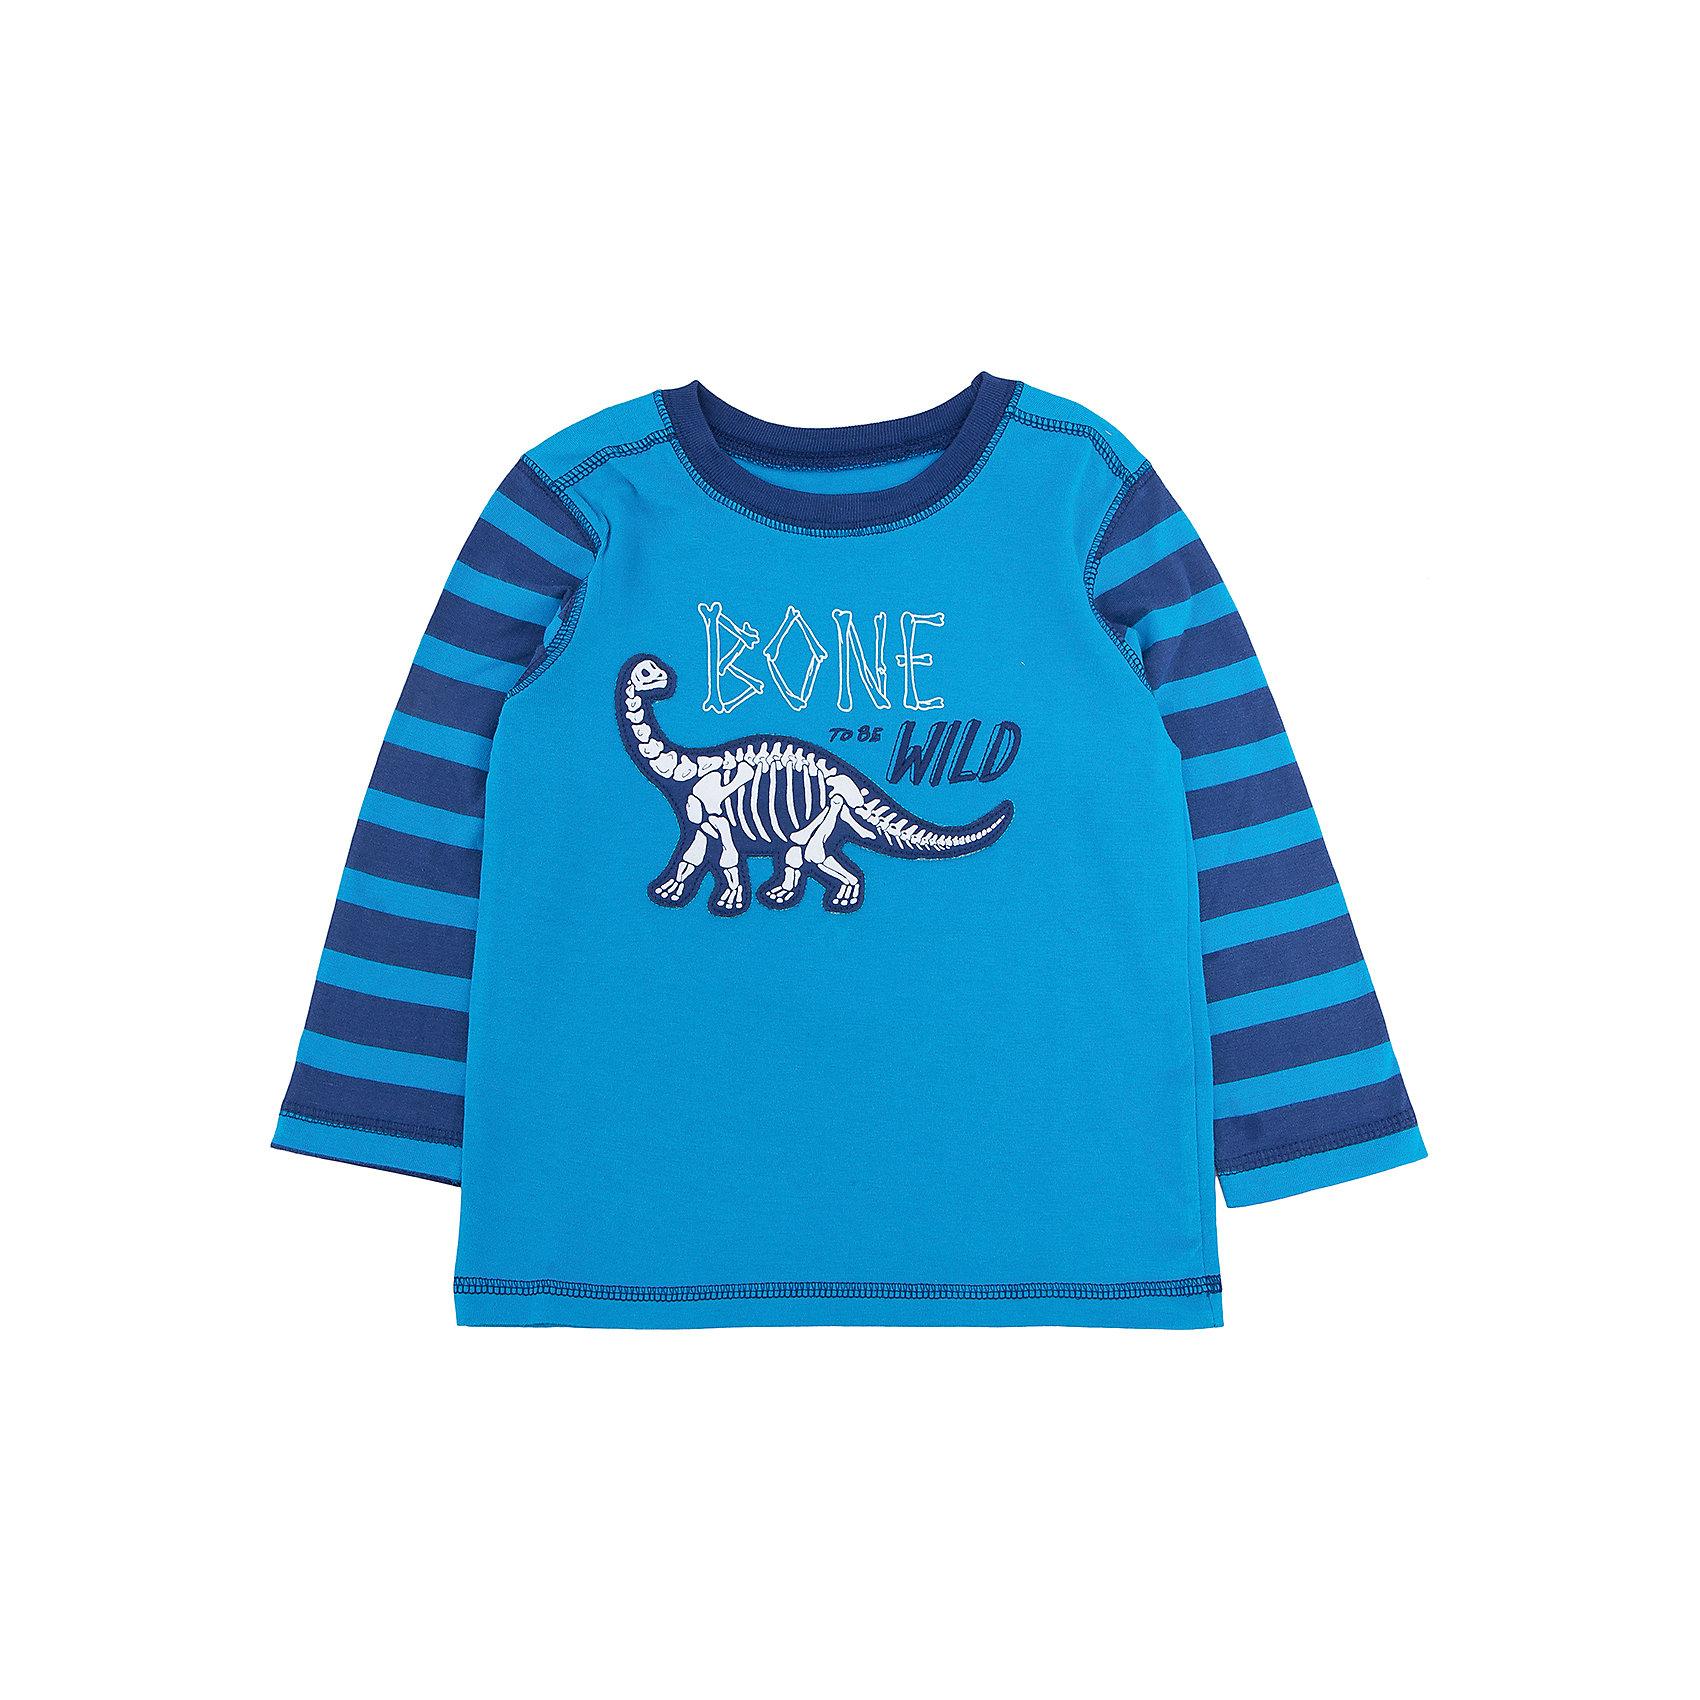 Футболка с длинным рукавом для мальчика HatleyФутболки с длинным рукавом<br>Футболка с длинным рукавом для мальчика Hatley<br><br>Характеристики:<br><br>• Состав: 100% хлопок<br>• Цвет: голубой<br><br>Красивая и модная футболка с длинными рукавами идеально подойдет для летней прохладной погоды или для носки в помещении. Благодаря тому, что ткань натуральная и не вызывает аллергии, ребенок сможет бегать и прыгать, не боясь, что вспотеет и на коже будут раздражения. Яркий и забавный принт-аппликация делает футболку еще и очень привлекательной. Рукава словно вставлены в кофту или под футболкой есть дополнительная водолазка. Такой стиль очень нравится детям. Внизу по бокам кофта немного собрана и украшена бантиками.<br><br>Футболку с длинным рукавом для мальчика Hatley можно купить в нашем интернет-магазине.<br><br>Ширина мм: 230<br>Глубина мм: 40<br>Высота мм: 220<br>Вес г: 250<br>Цвет: голубой<br>Возраст от месяцев: 18<br>Возраст до месяцев: 24<br>Пол: Мужской<br>Возраст: Детский<br>Размер: 92,116,98,104,110<br>SKU: 5020710